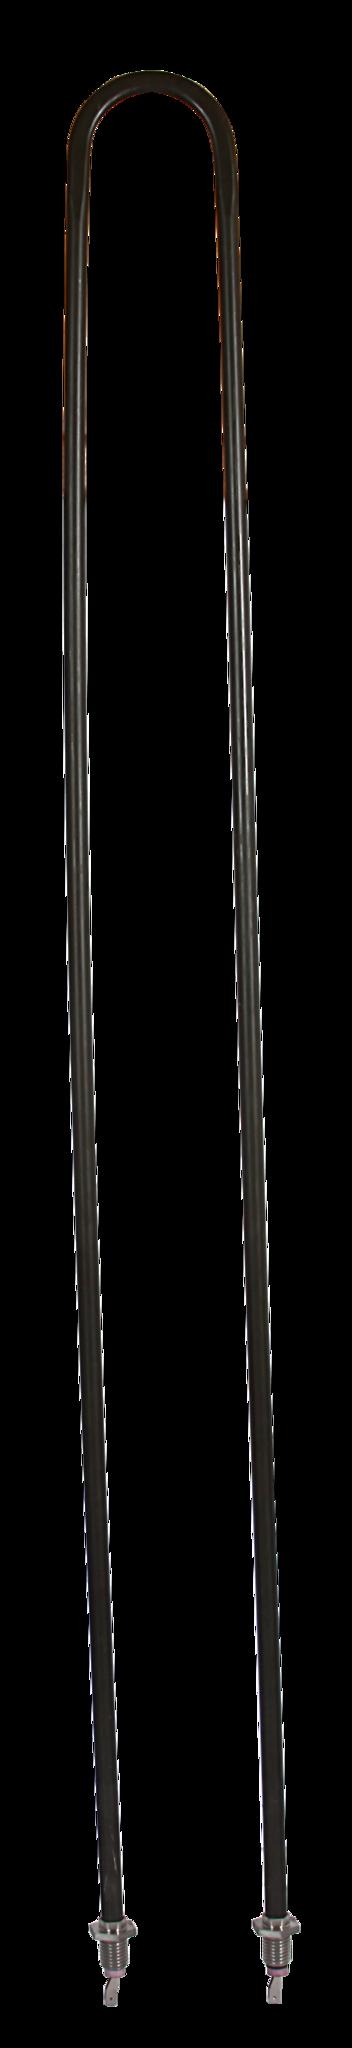 ТЭН-ы: ТЭН SAWO HP41-003 TWR-150 (для печи TOWER 2010, 1500W) запчасти